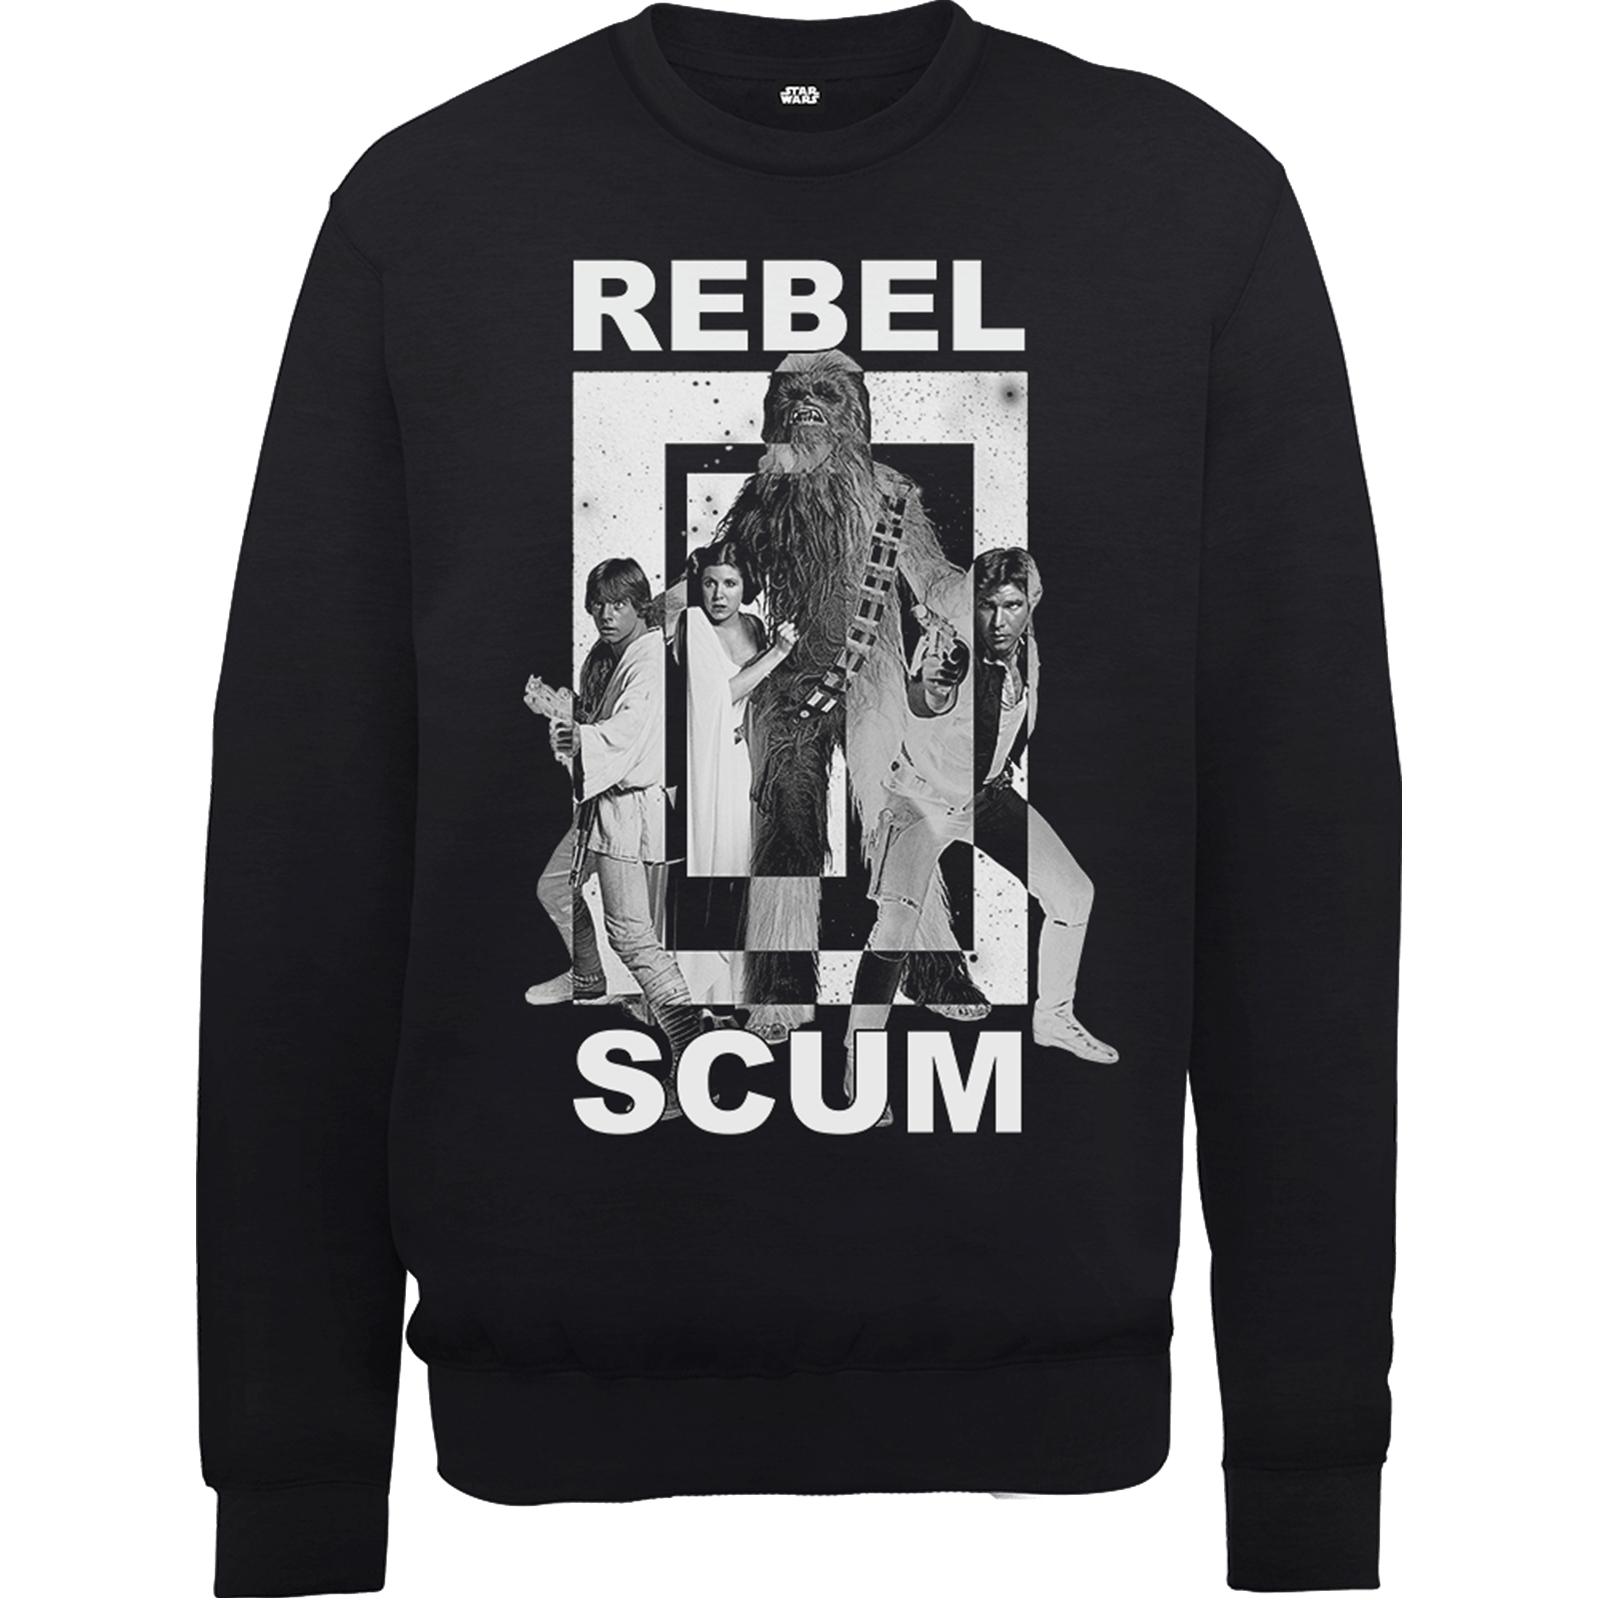 Sélection de Sweatshirts Star Wars en promotion - Ex: Sweat Homme Rebel Scum